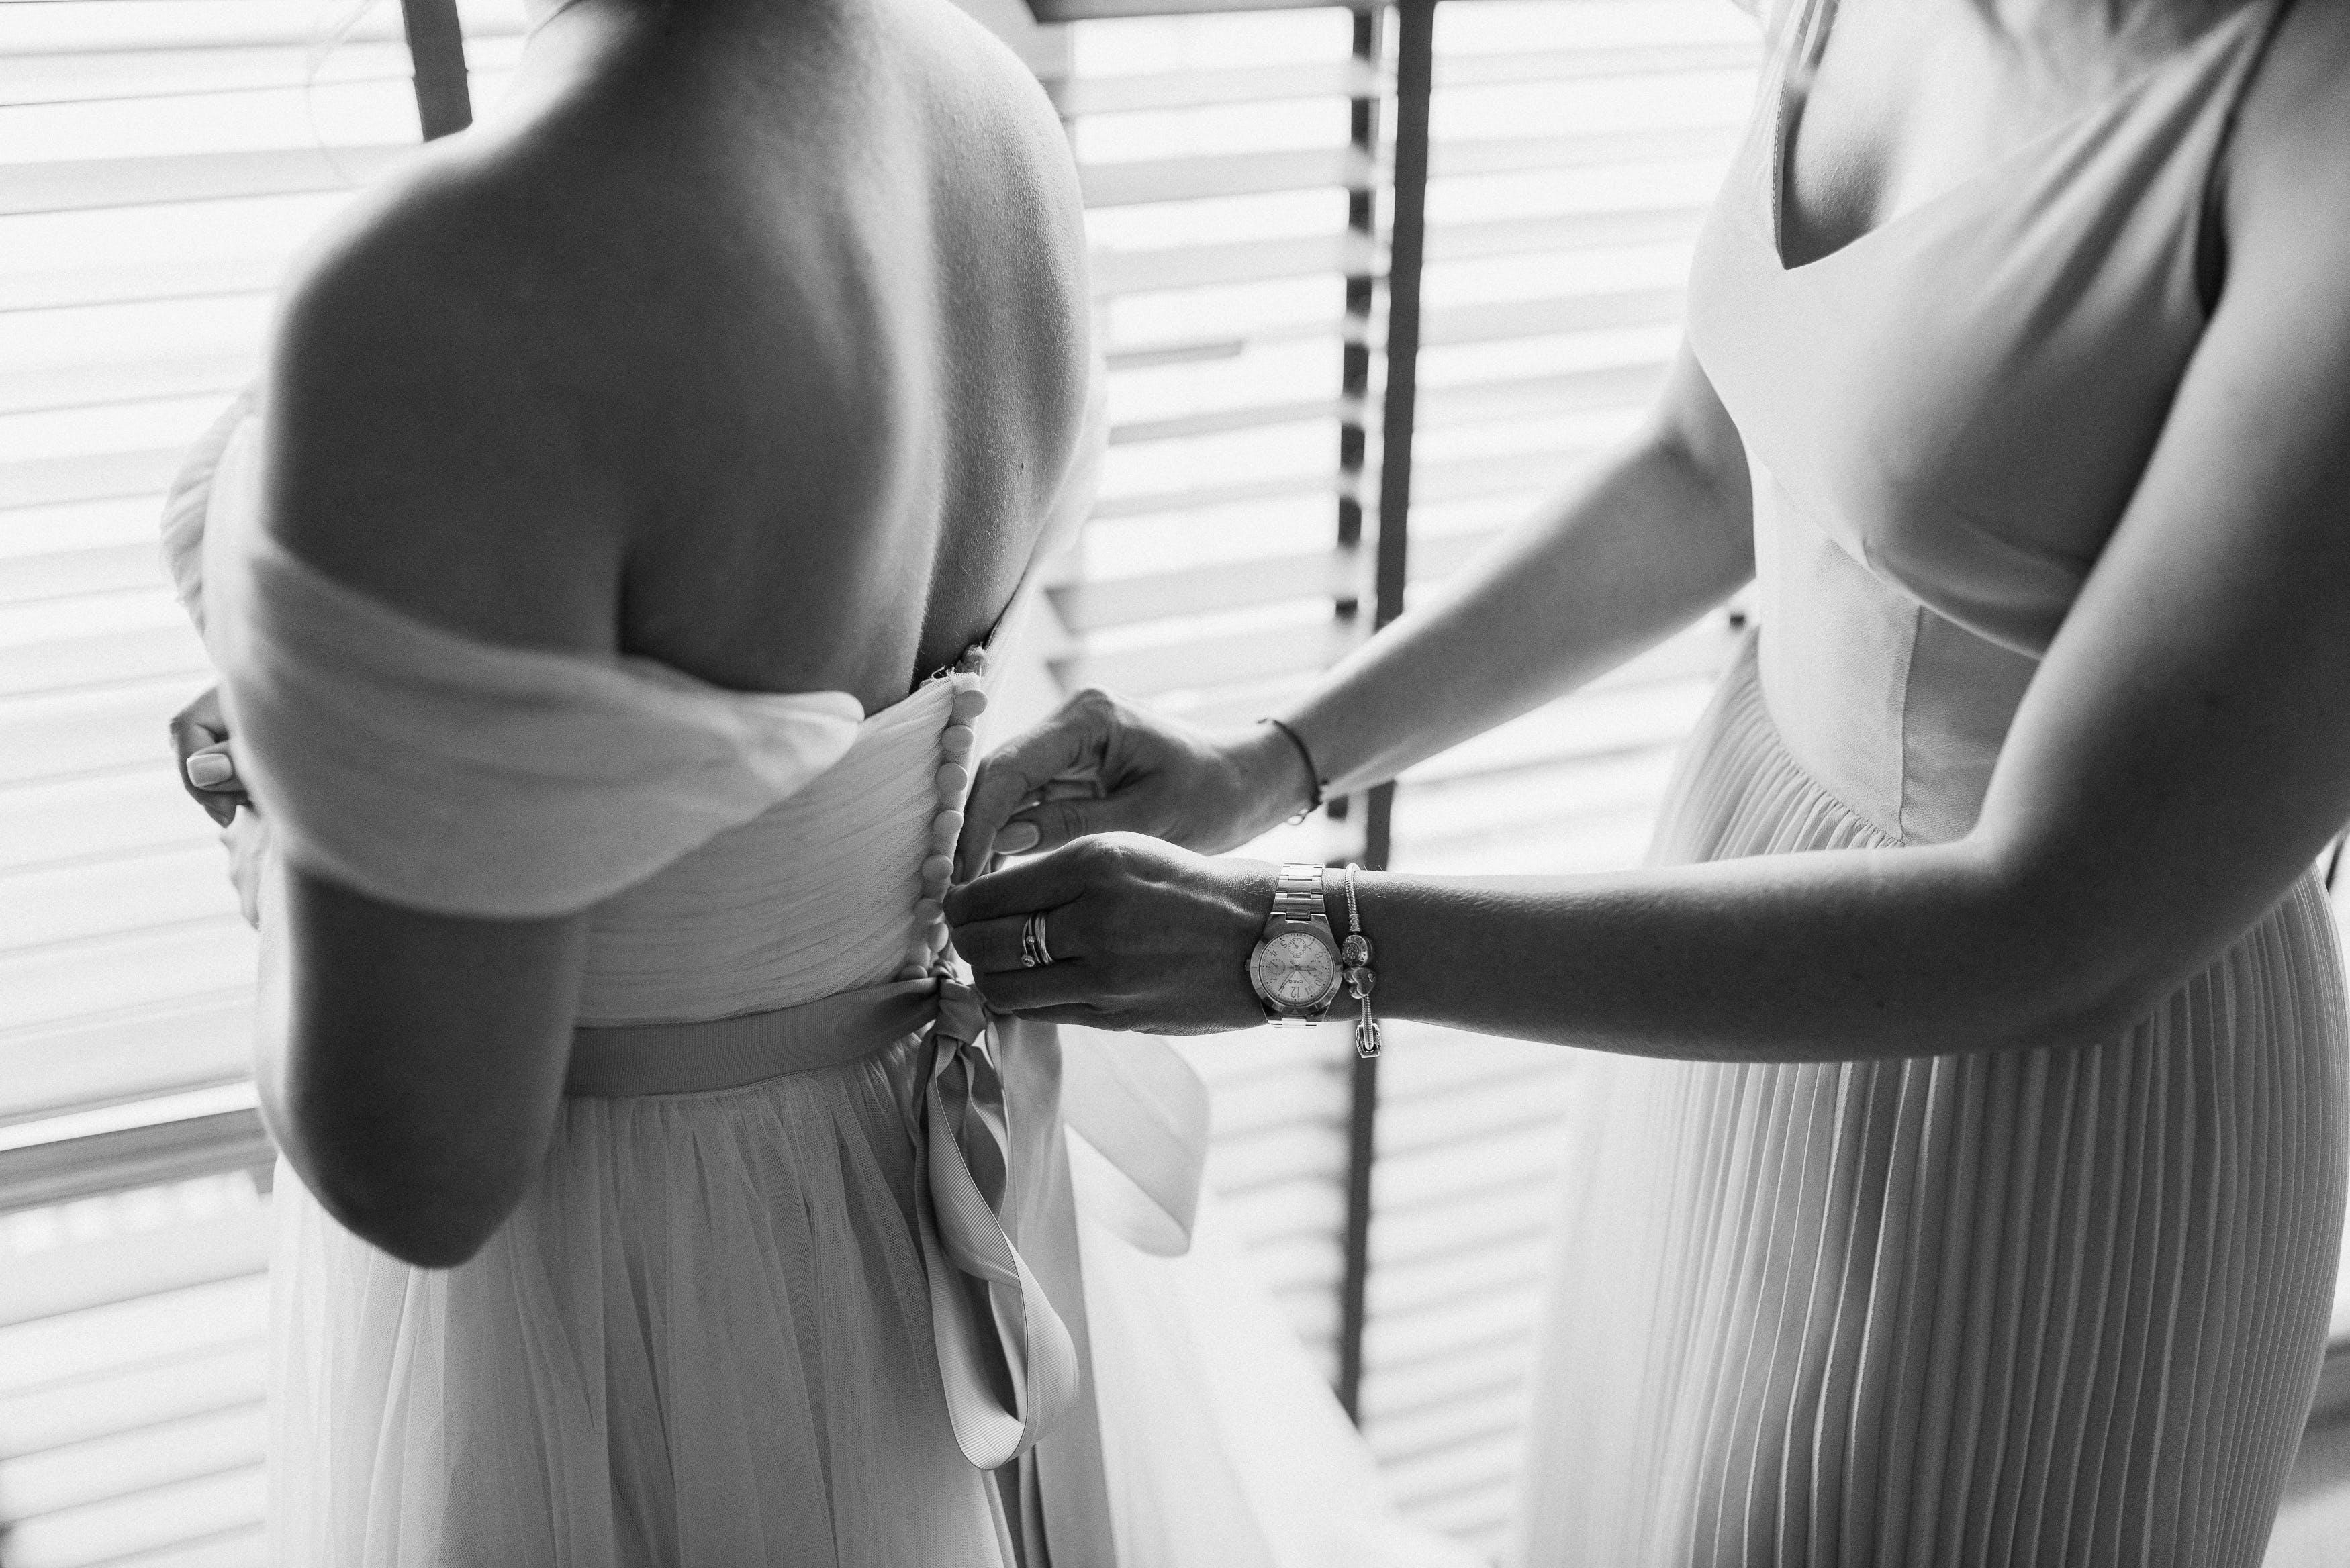 Безкоштовне стокове фото на тему «весілля, весільна сукня, жінки, кімната»